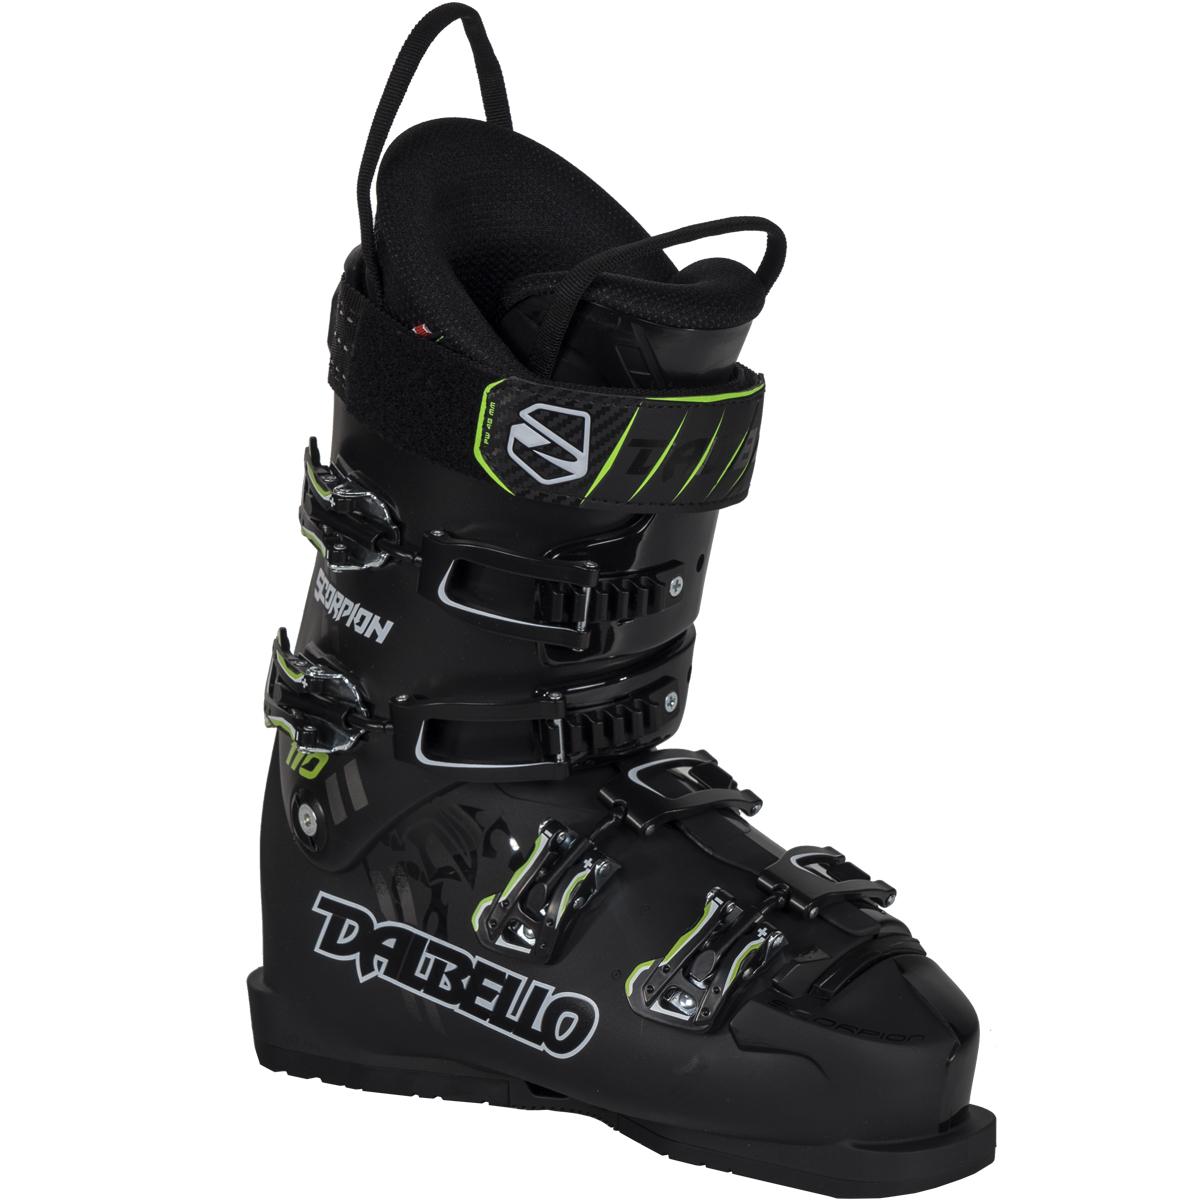 100% aito alennuskauppa Julkaisupäivä Details about Dalbello Scorpion 110 Ski Boots Black/Black 25.0